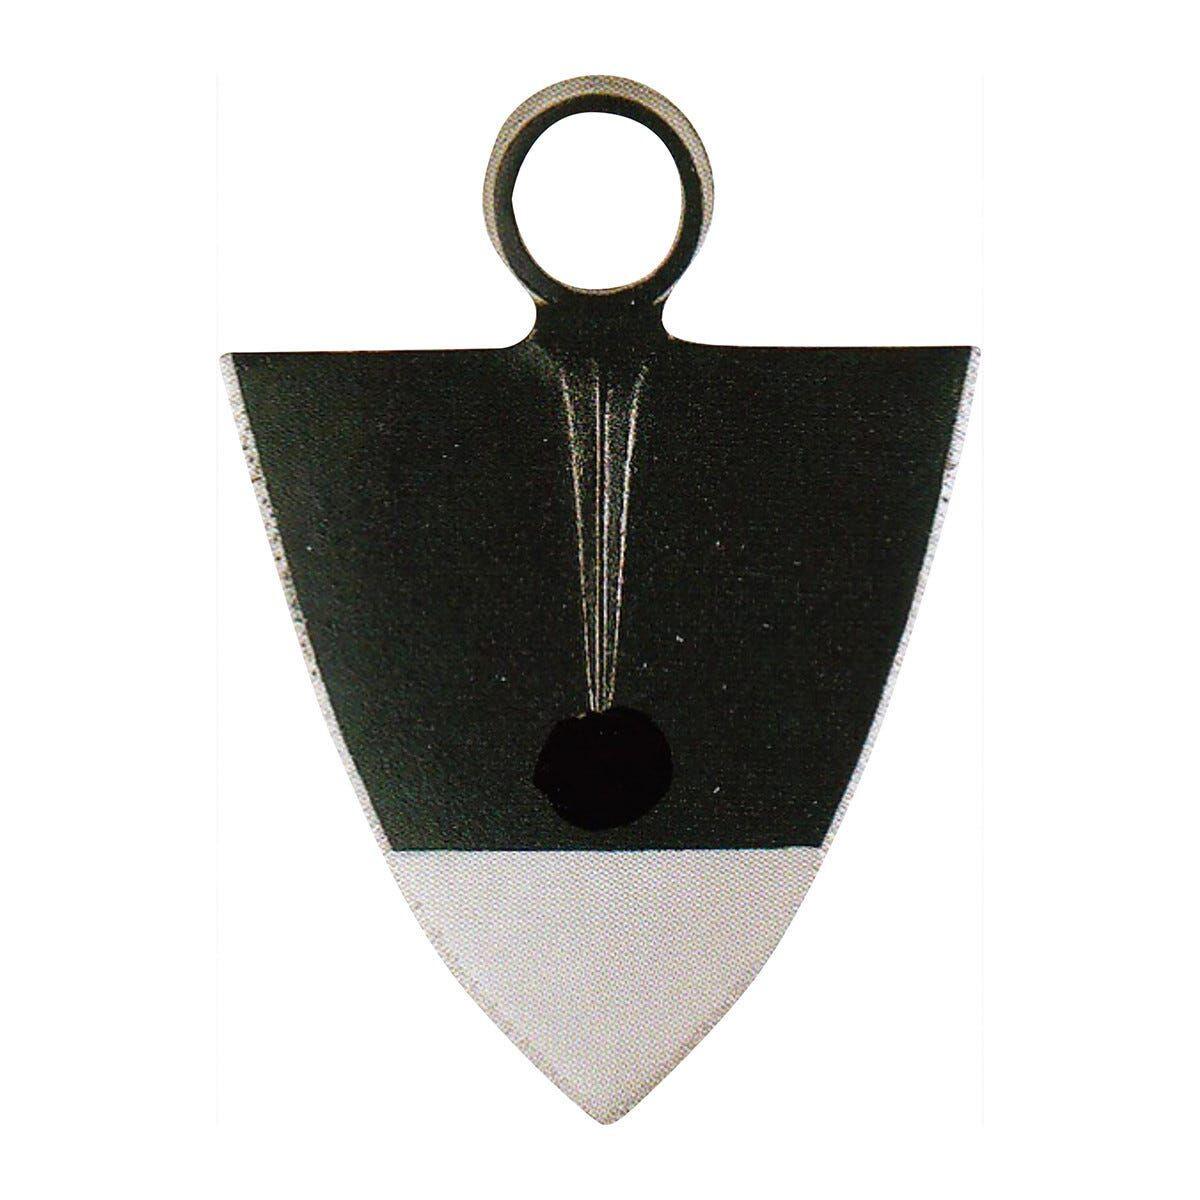 zappa triangolare 300 g foro tondo occhio tondo 30 mm spalla 12 cm piemonte